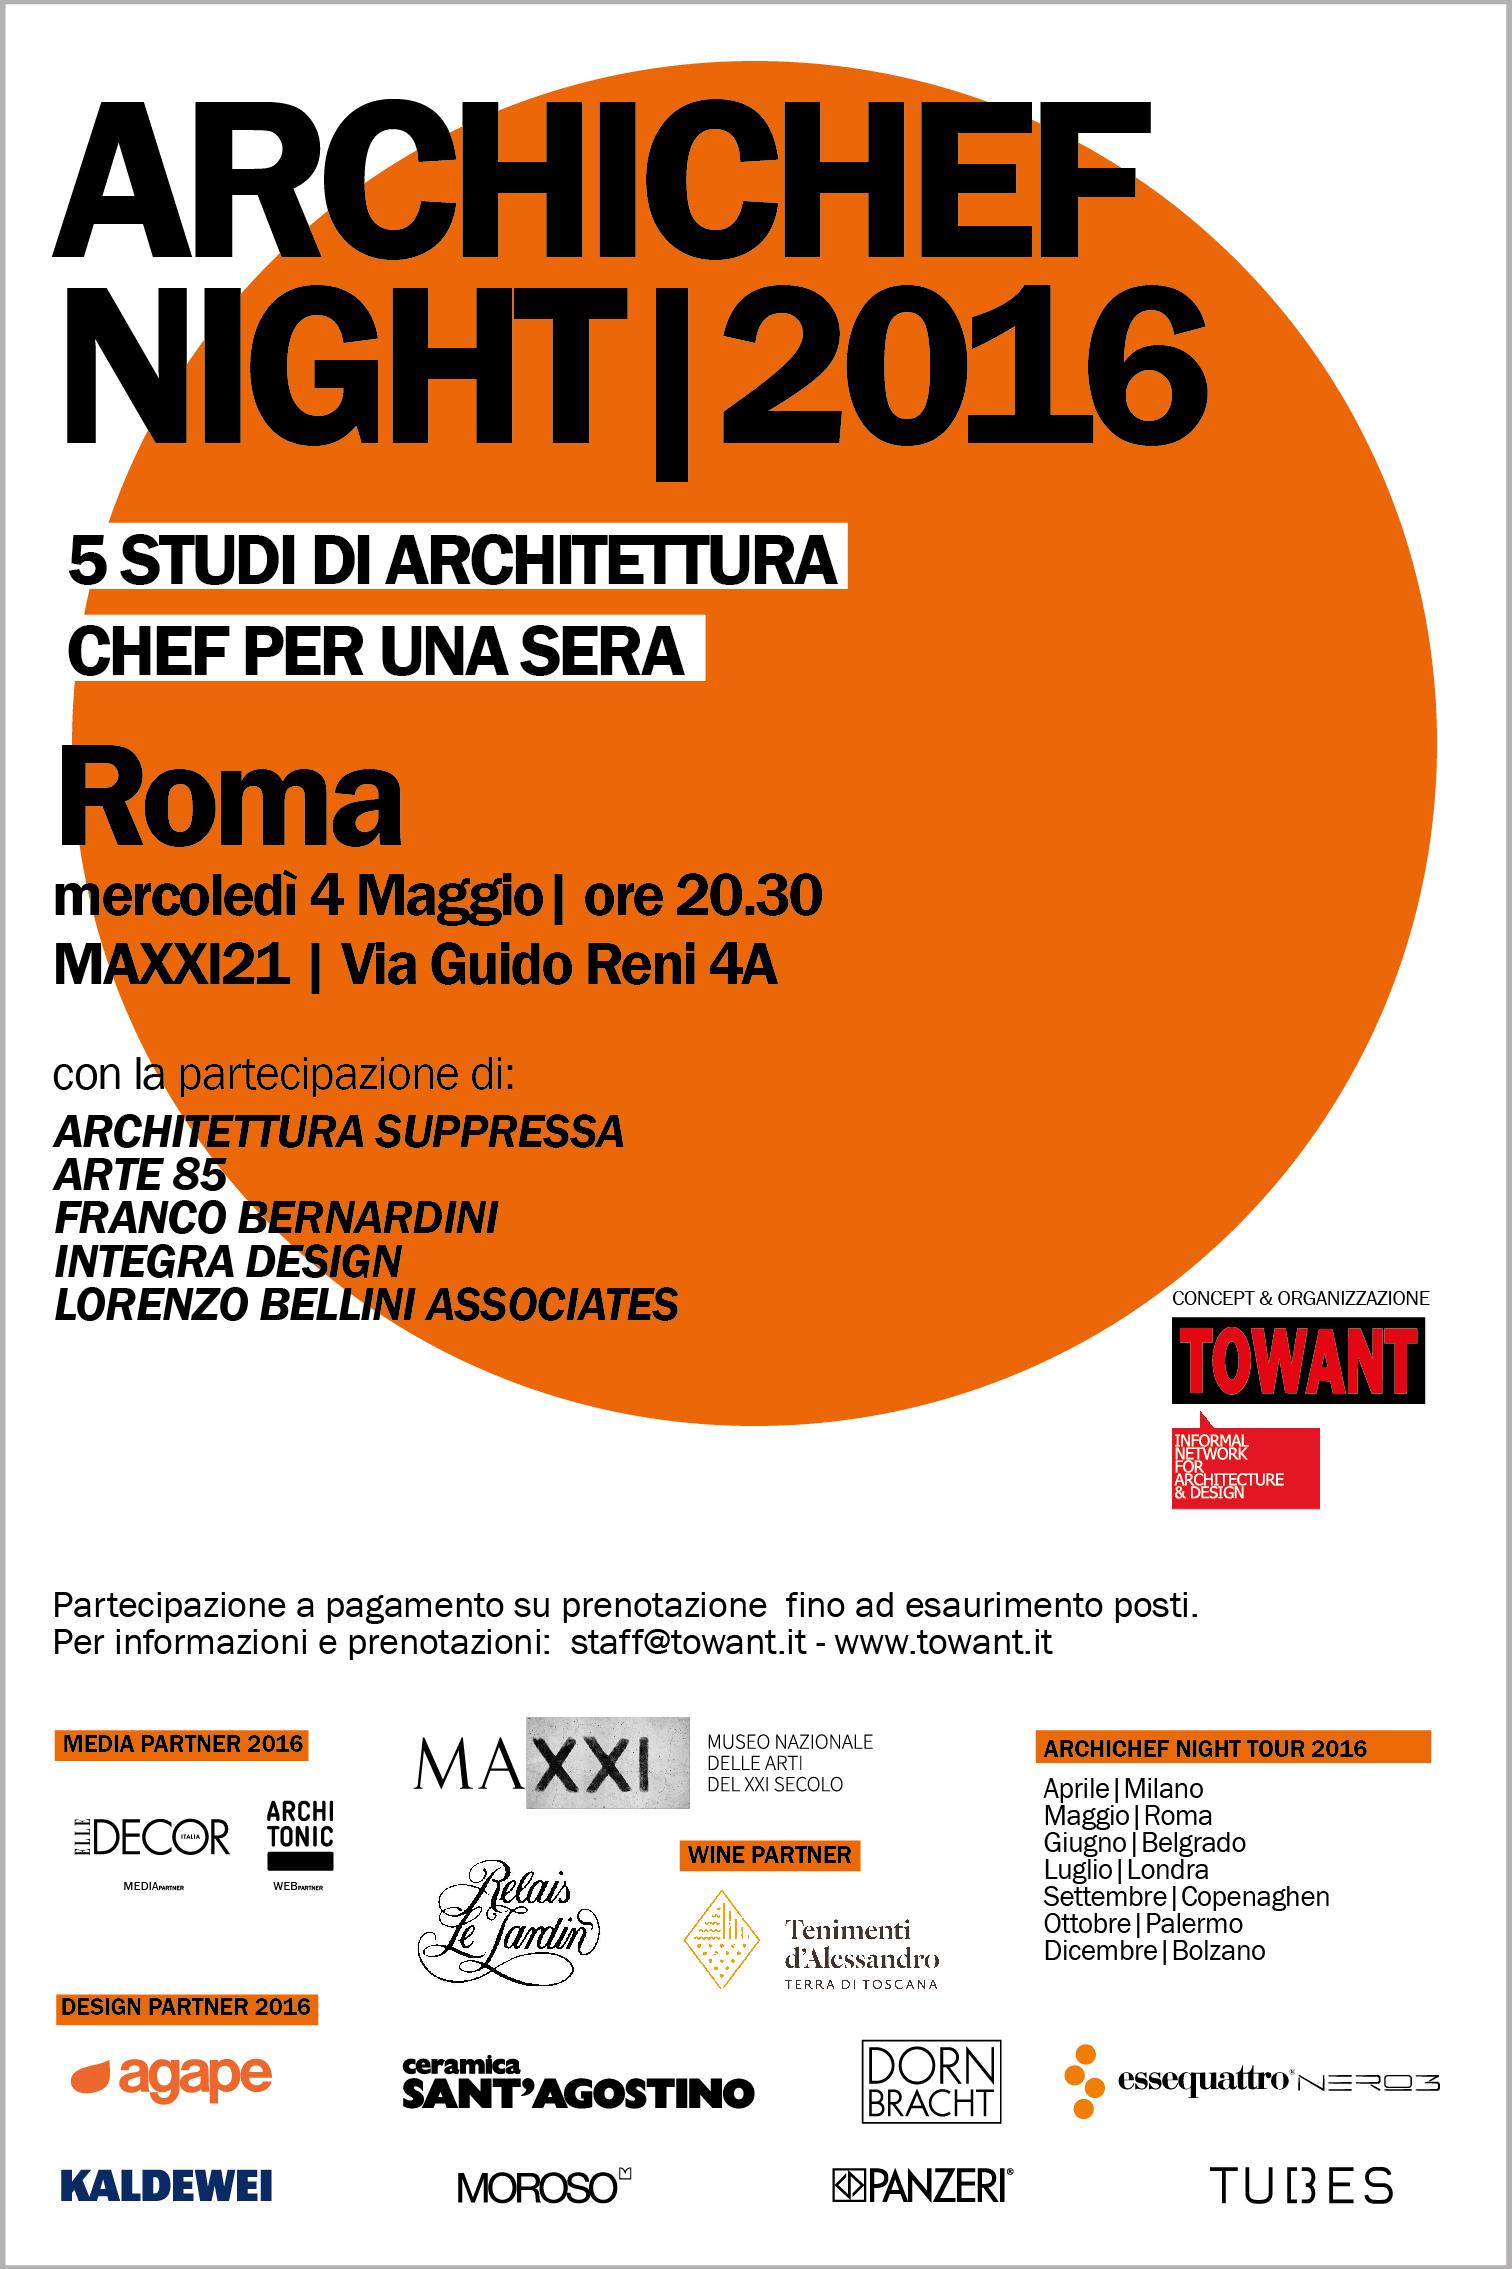 Archichef night roma cinque architetti chef per una sera for Roma ordine architetti